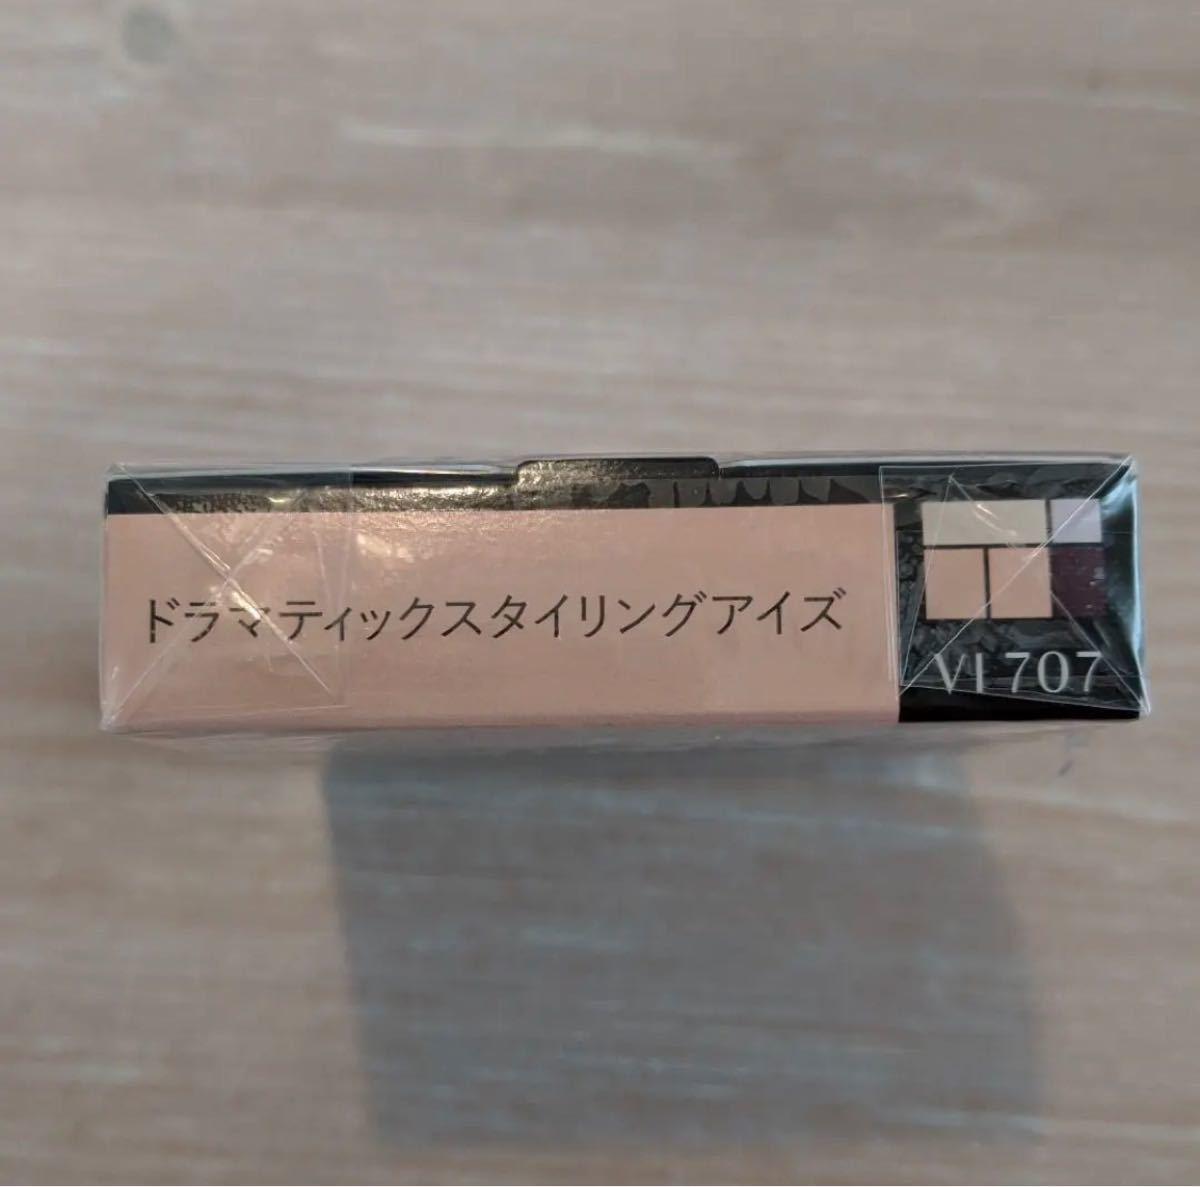 新品 資生堂マキアージュ ドラマティックスタイリングアイズVI707アイシャドウ